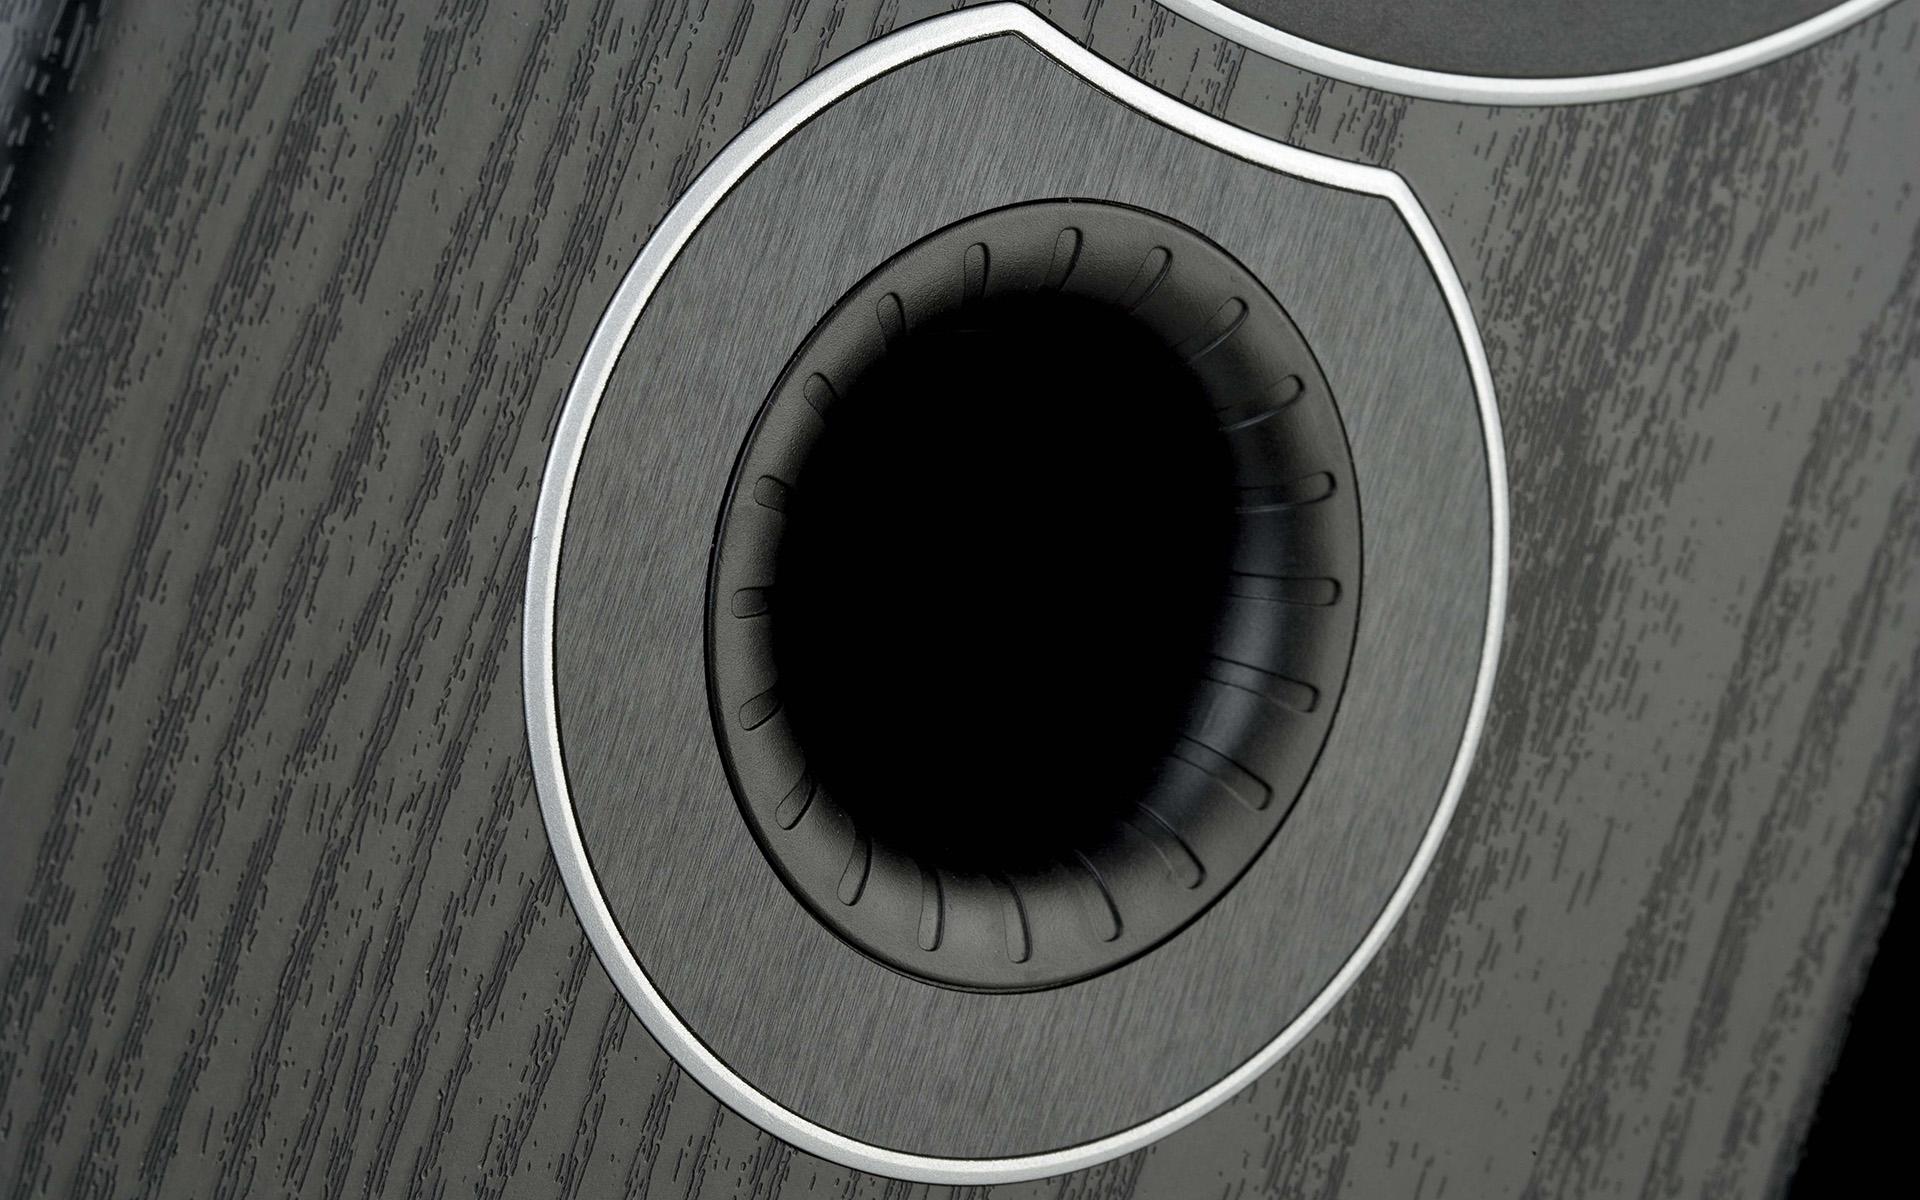 Порт фазоинвертора на передней панели Monitor Audio Bronze 2 снабжён специальными канавками, снижающими турбулентность воздушного потока